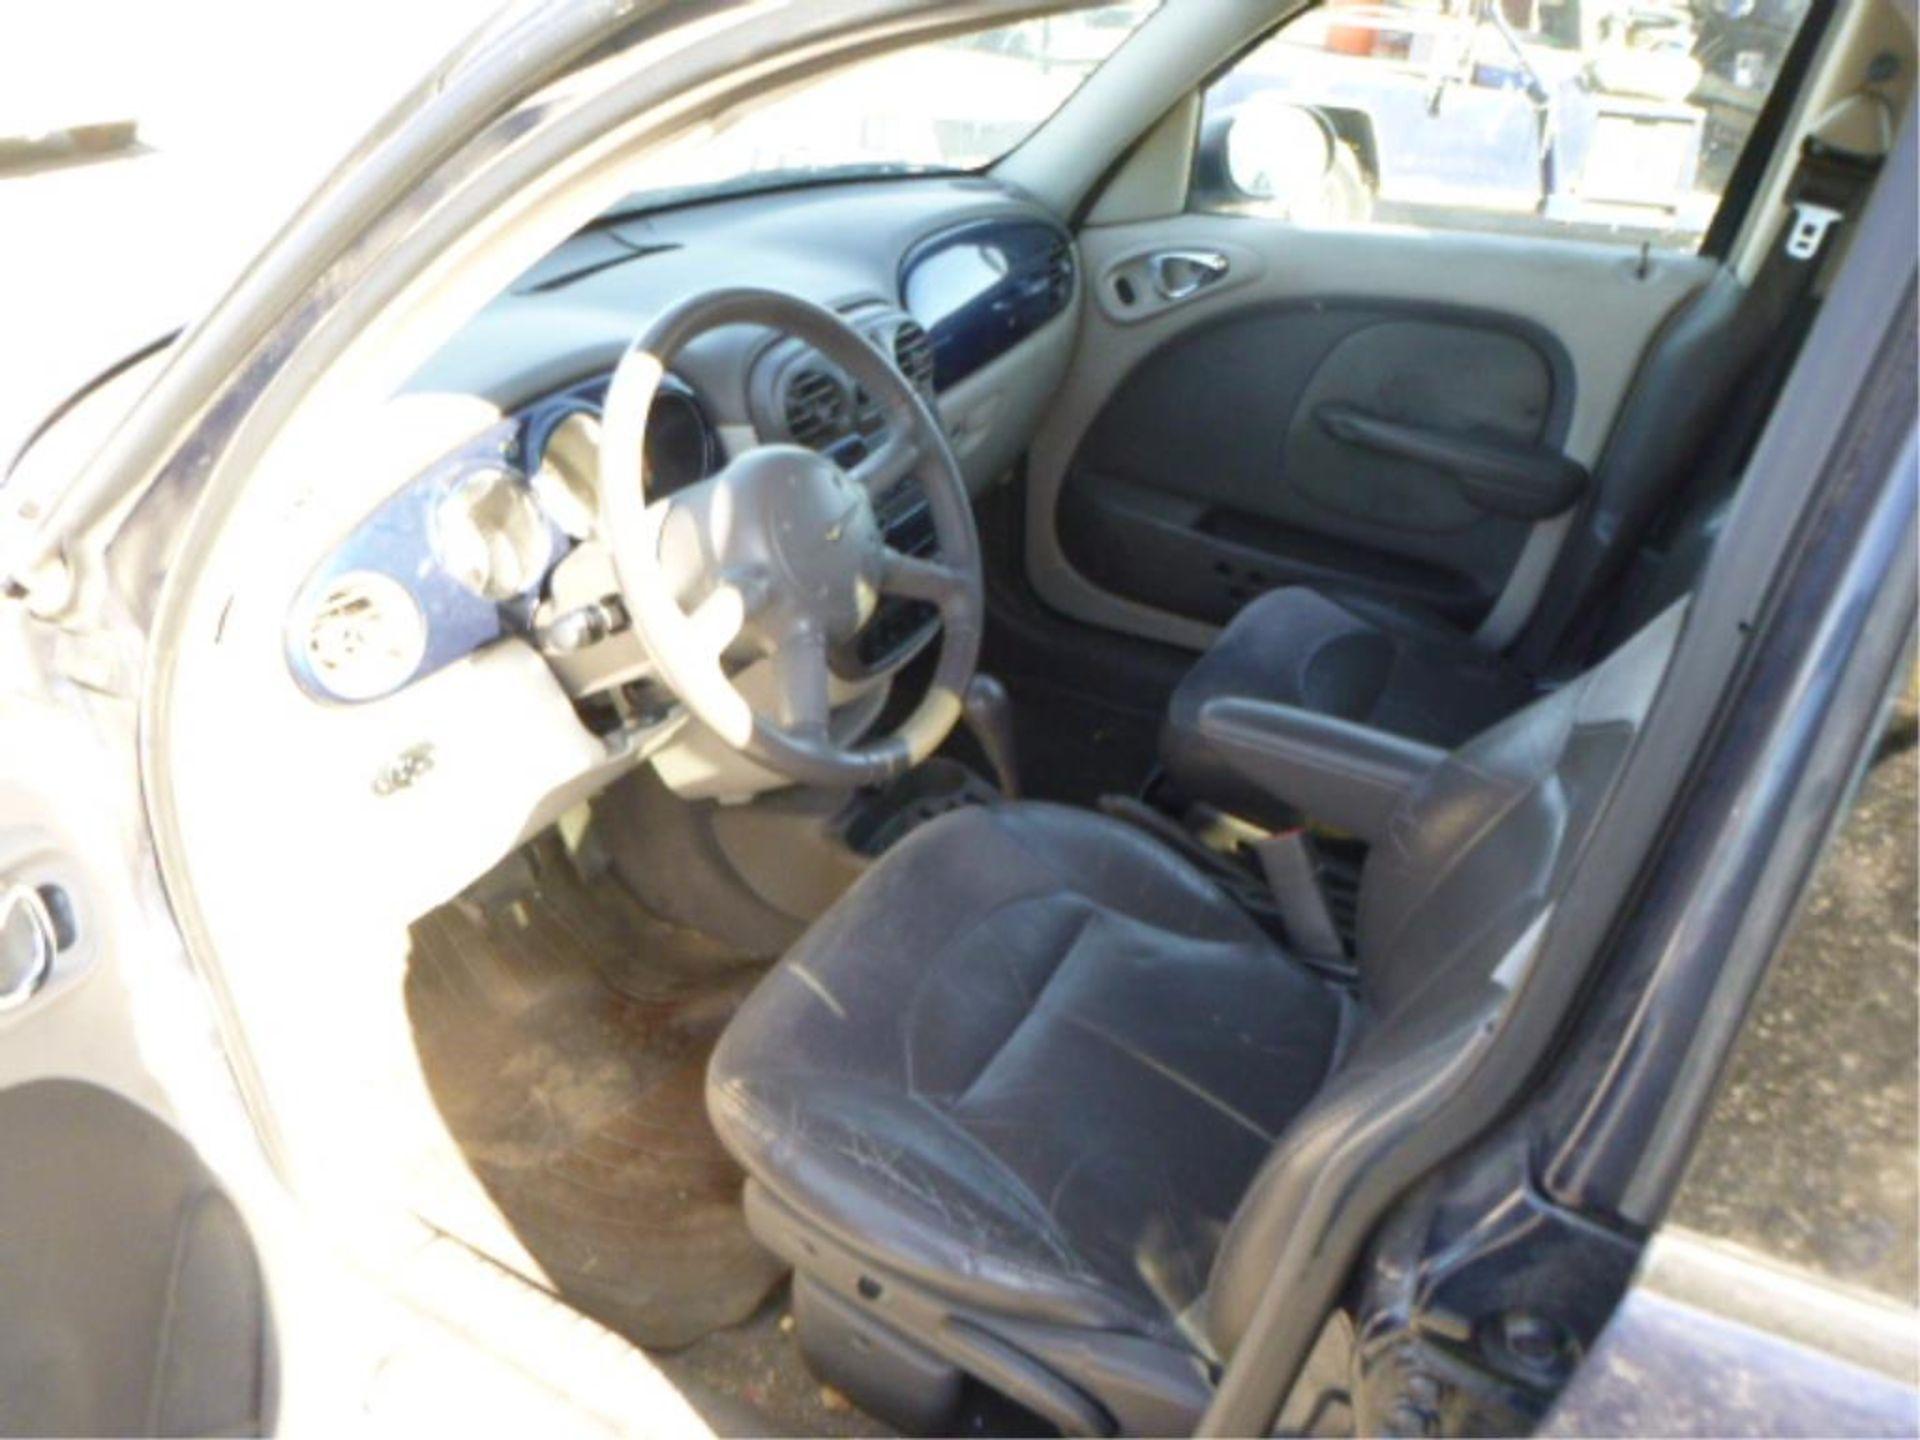 2002 Chrysler PT Cruiser - Image 11 of 14